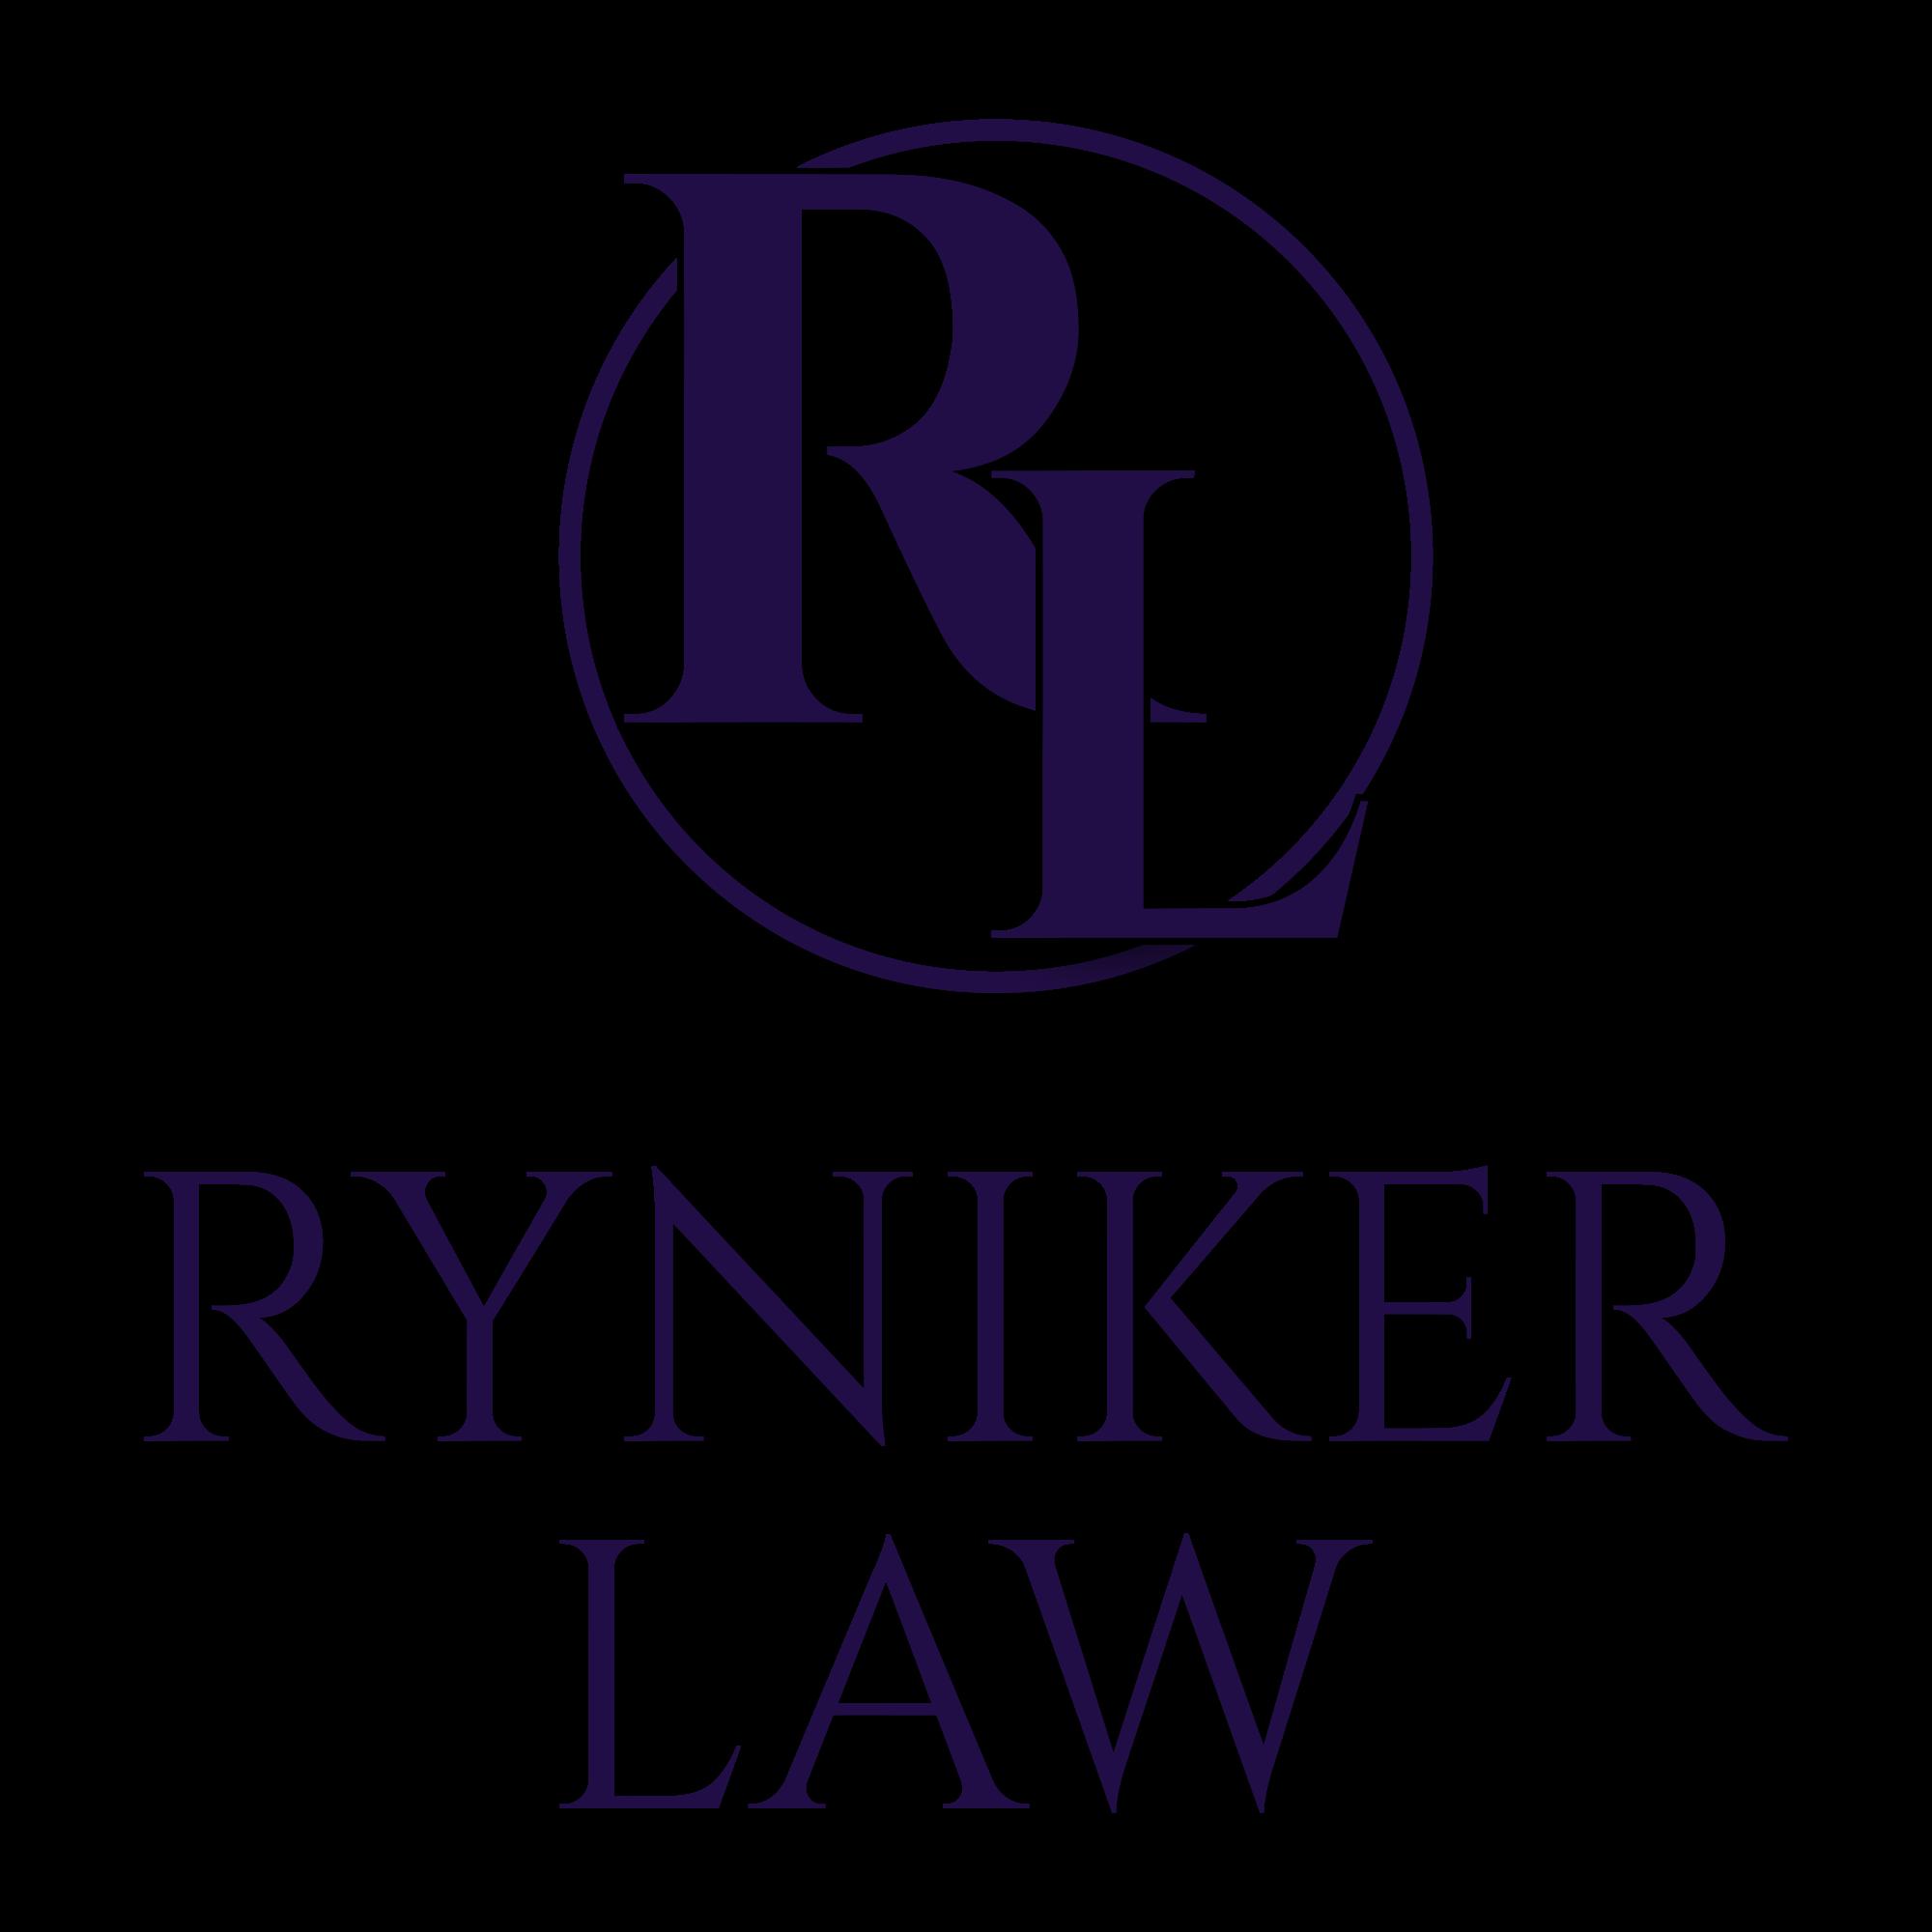 RynikerLawLogoC-2.png